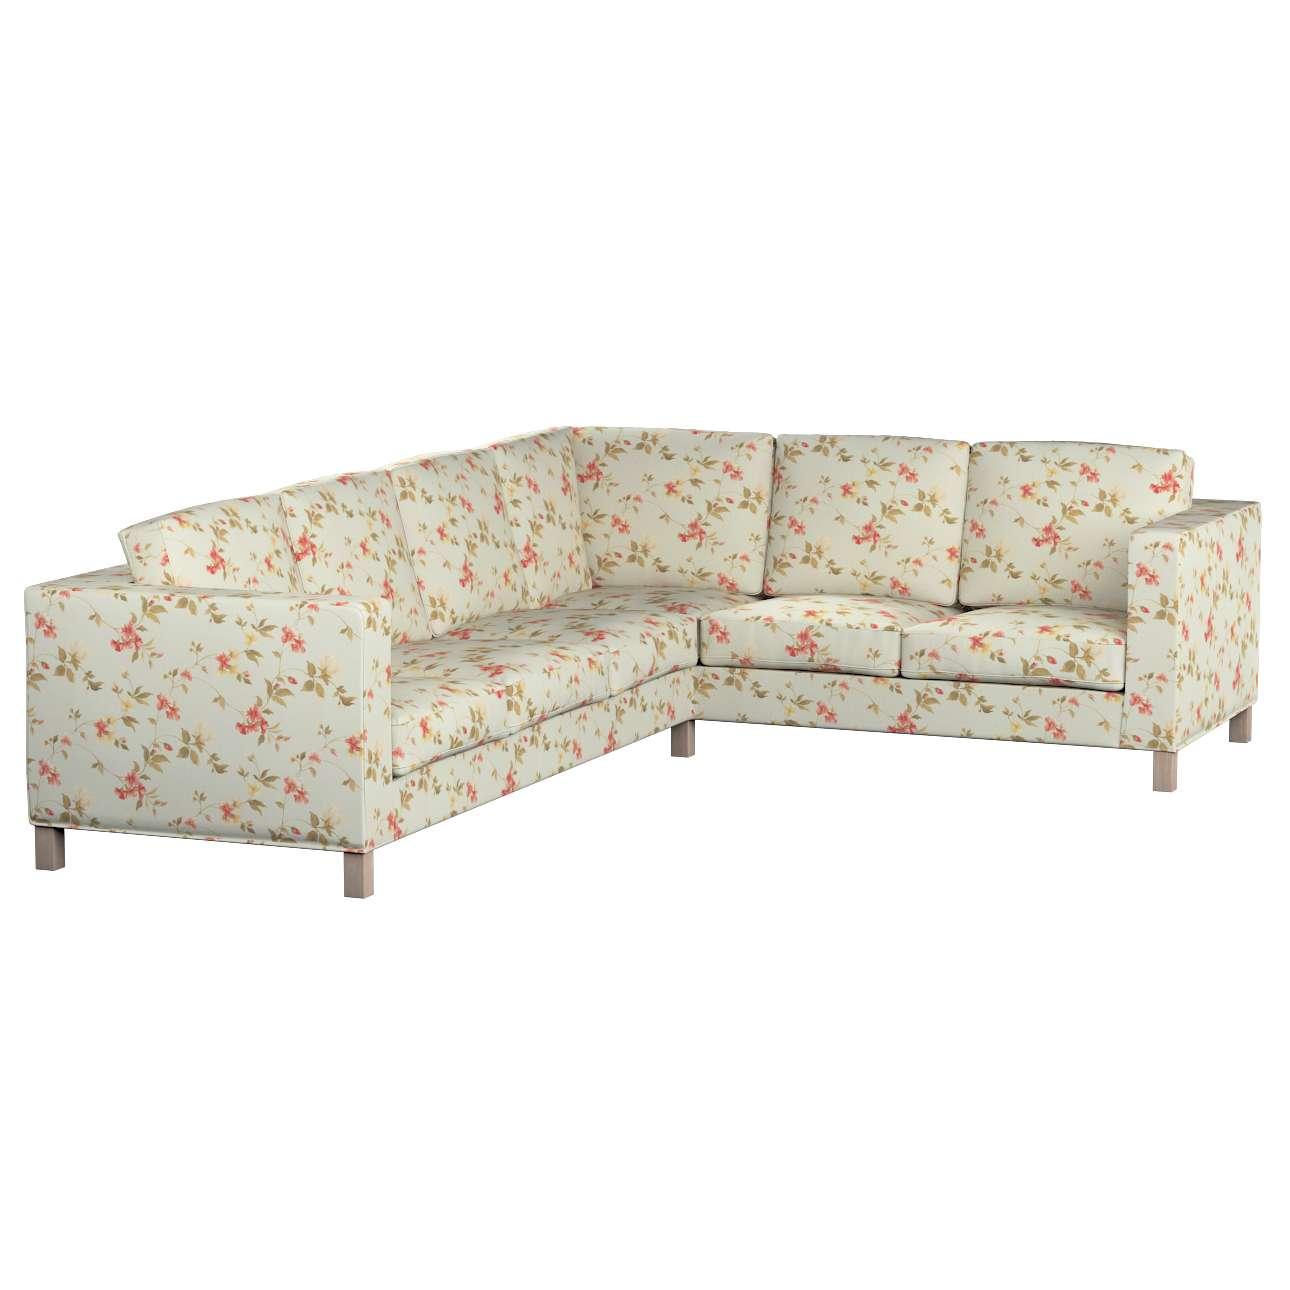 Pokrowiec na sofę narożną lewostronną Karlanda w kolekcji Londres, tkanina: 124-65